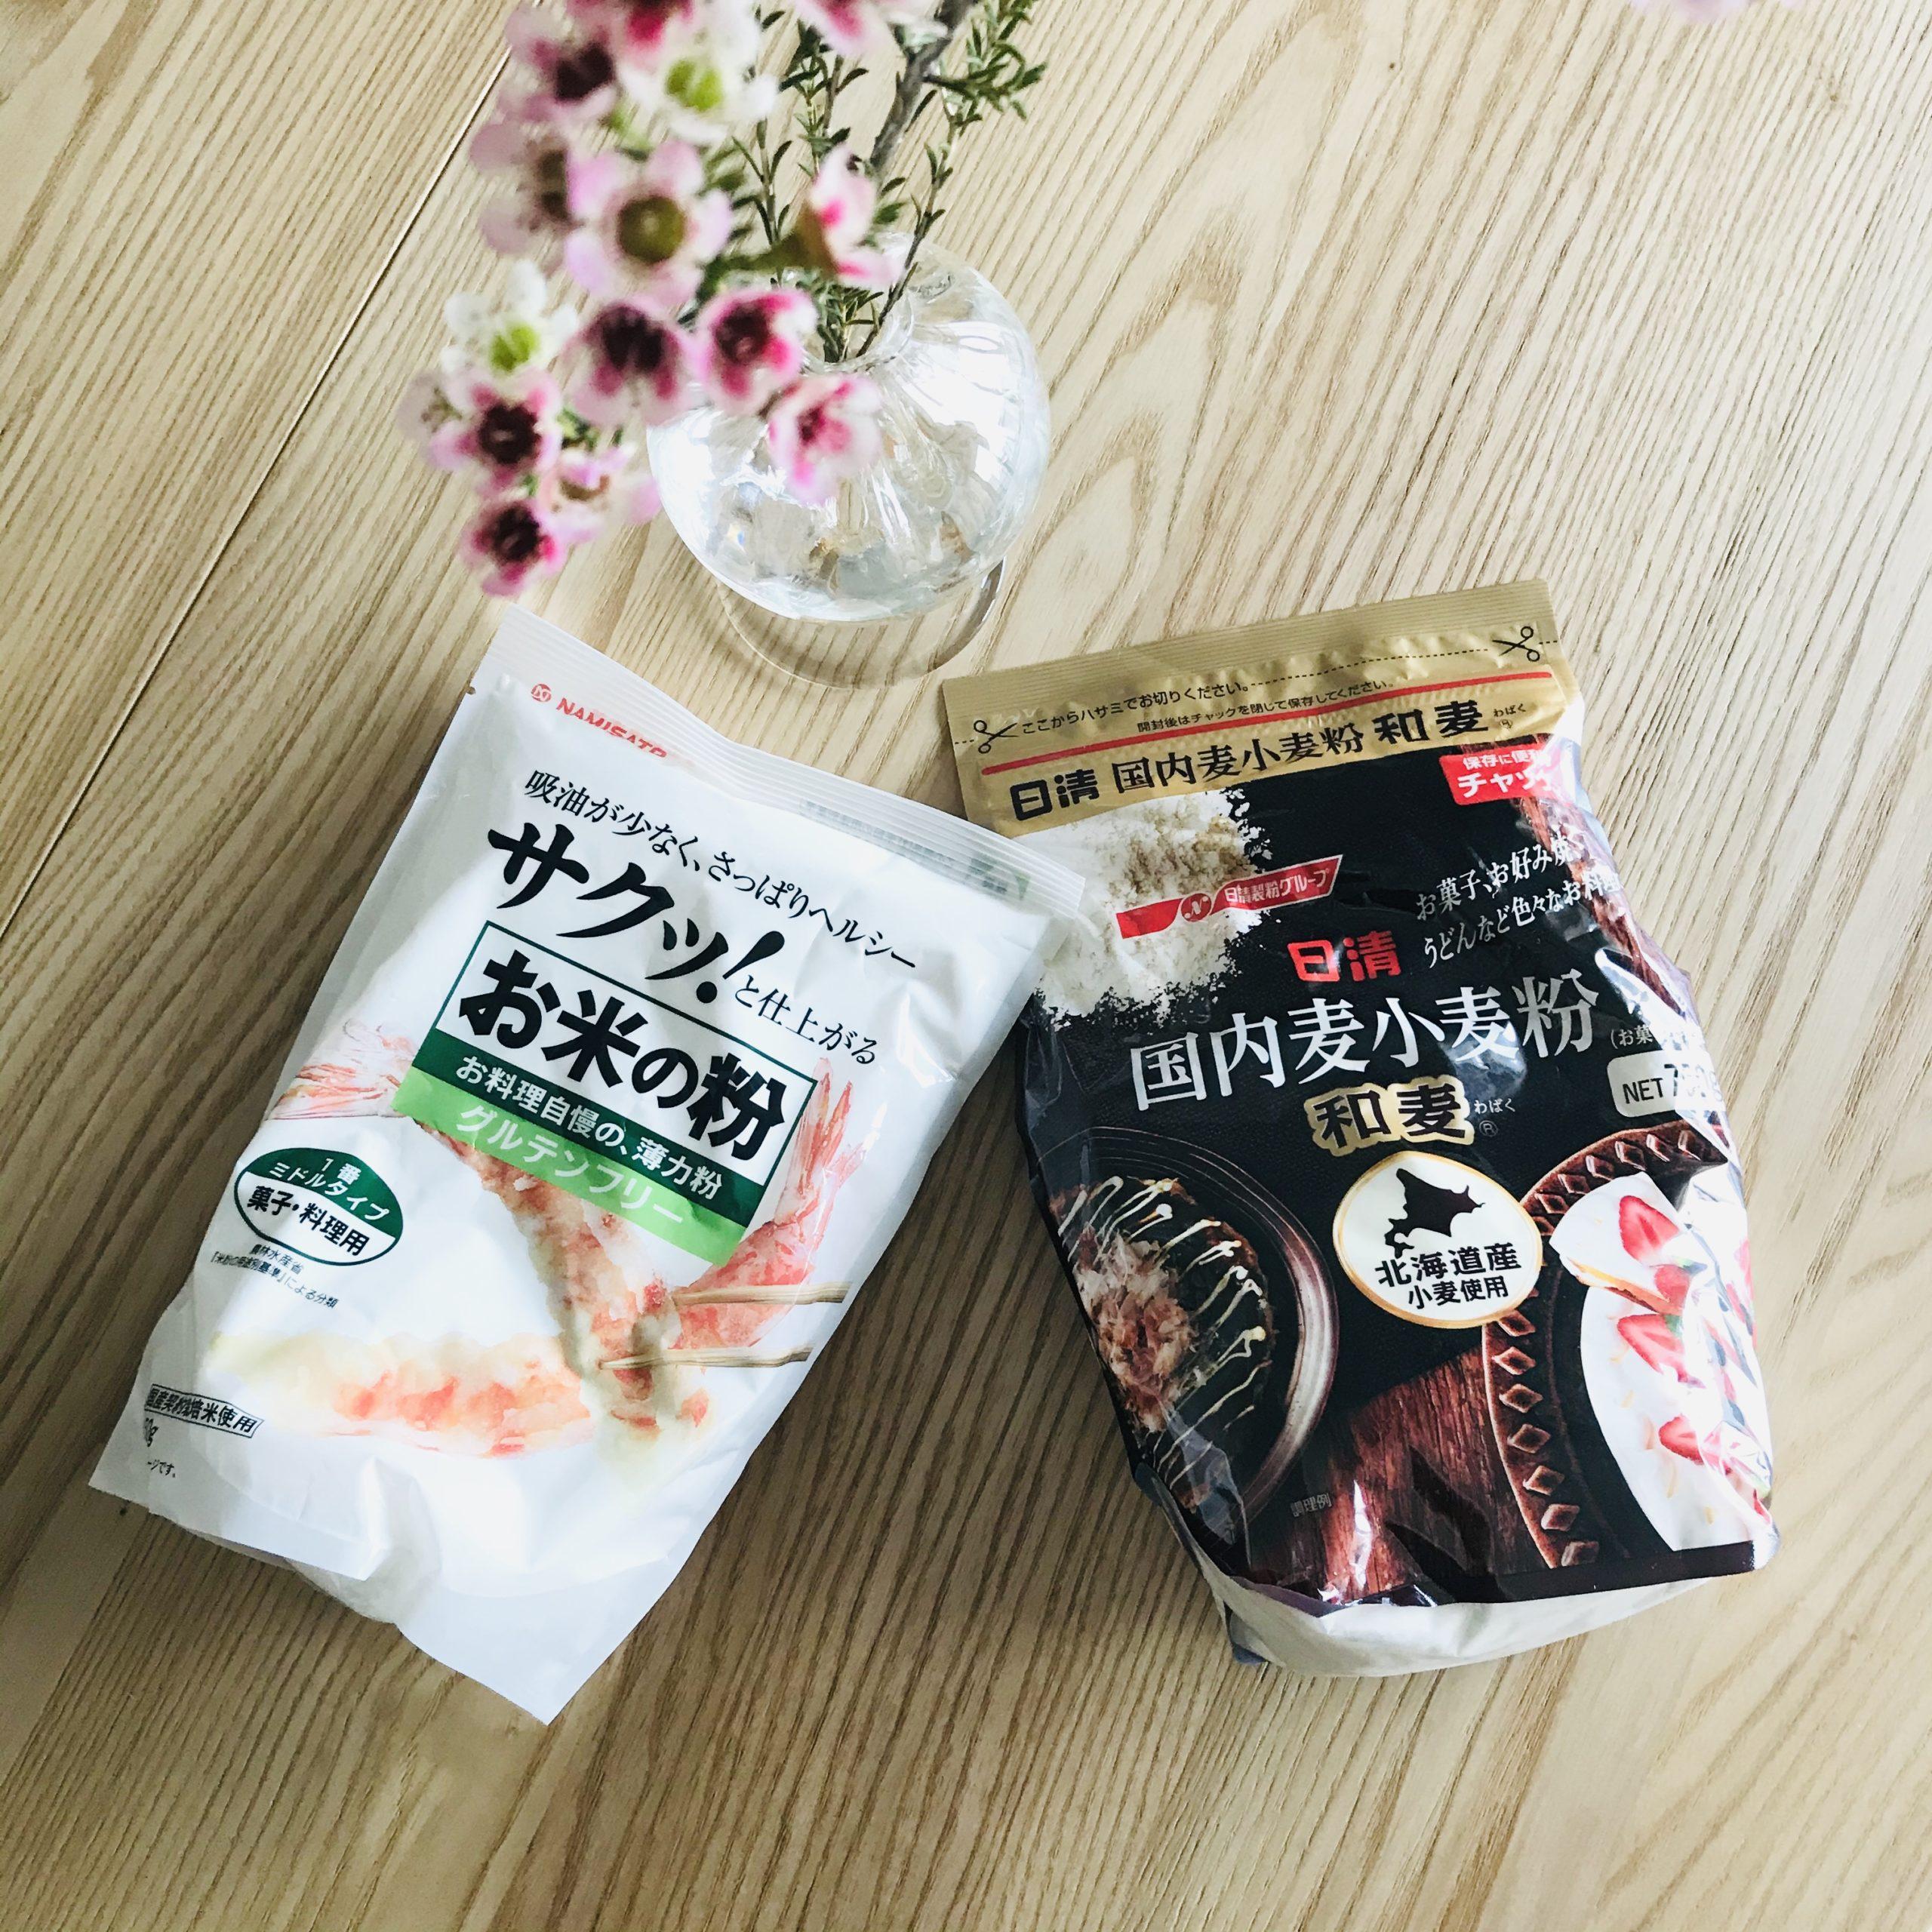 国産小麦粉 和麦 日清 米粉 お米の粉